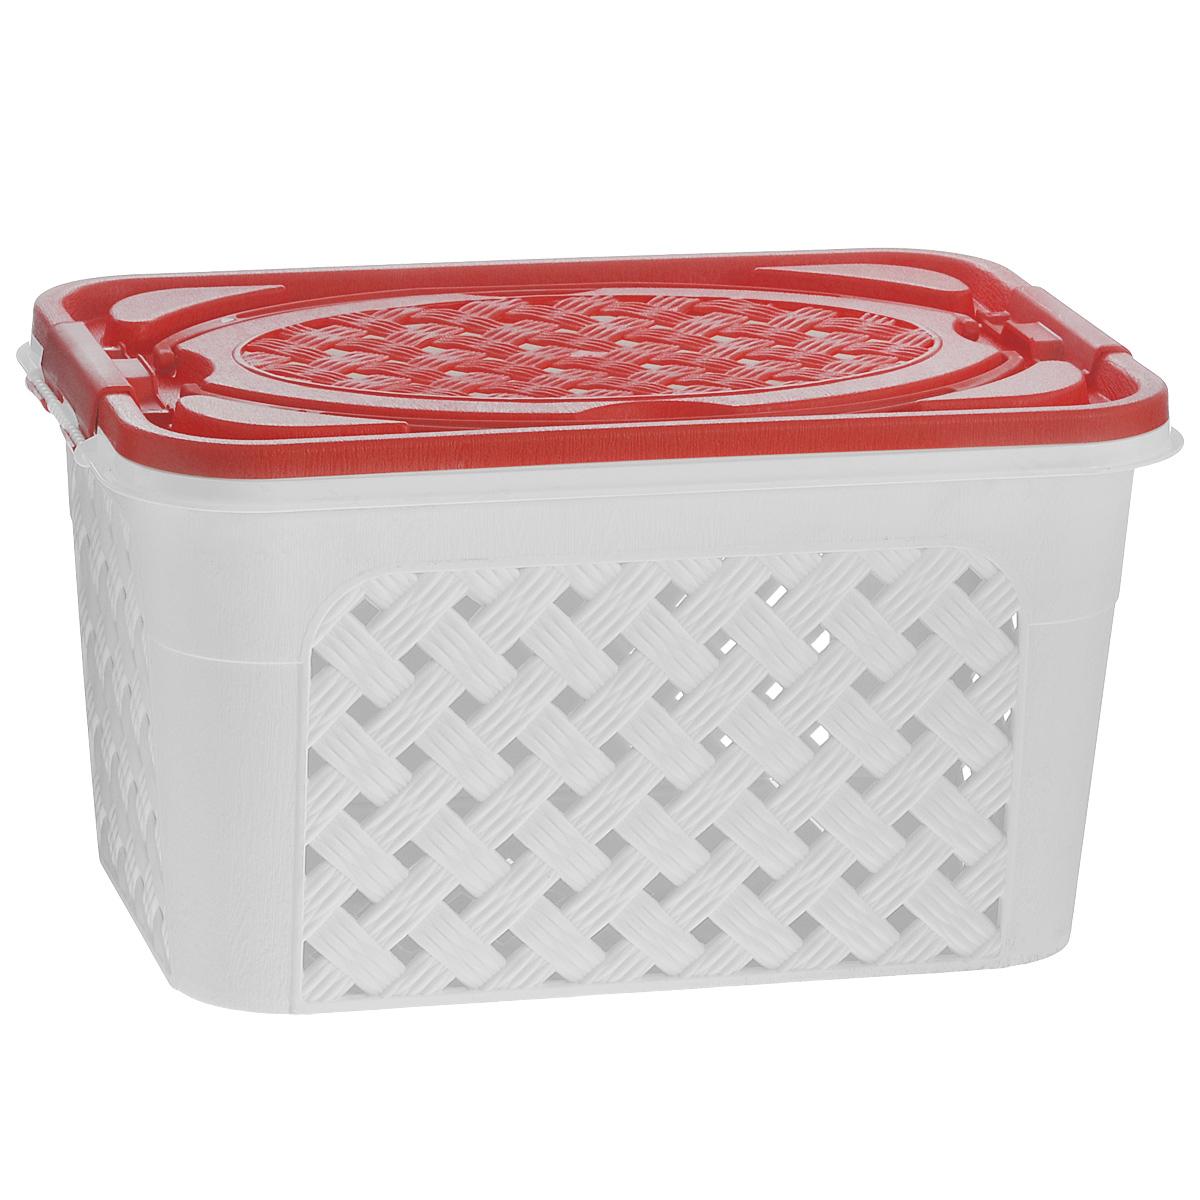 Контейнер Альтернатива Плетенка-люкс, цвет: белый, красный, 39 х 26 х 21 смМ3477Контейнер Альтернатива Плетенка-люкс выполнен из прочного пластика. Он предназначен для хранения различных бытовых вещей и продуктов. Контейнер имеет крышку, которая легко открывается и плотно закрывается, благодаря зажимам, расположенным по бокам. Стенки контейнера и крышка имитированы под плетение, за счет этого обеспечивается естественная вентиляция. Контейнер оснащен двумя ручками, благодаря которым его удобно переносить. Контейнер поможет хранить все в одном месте, а также его можно использовать как корзину для пикника.